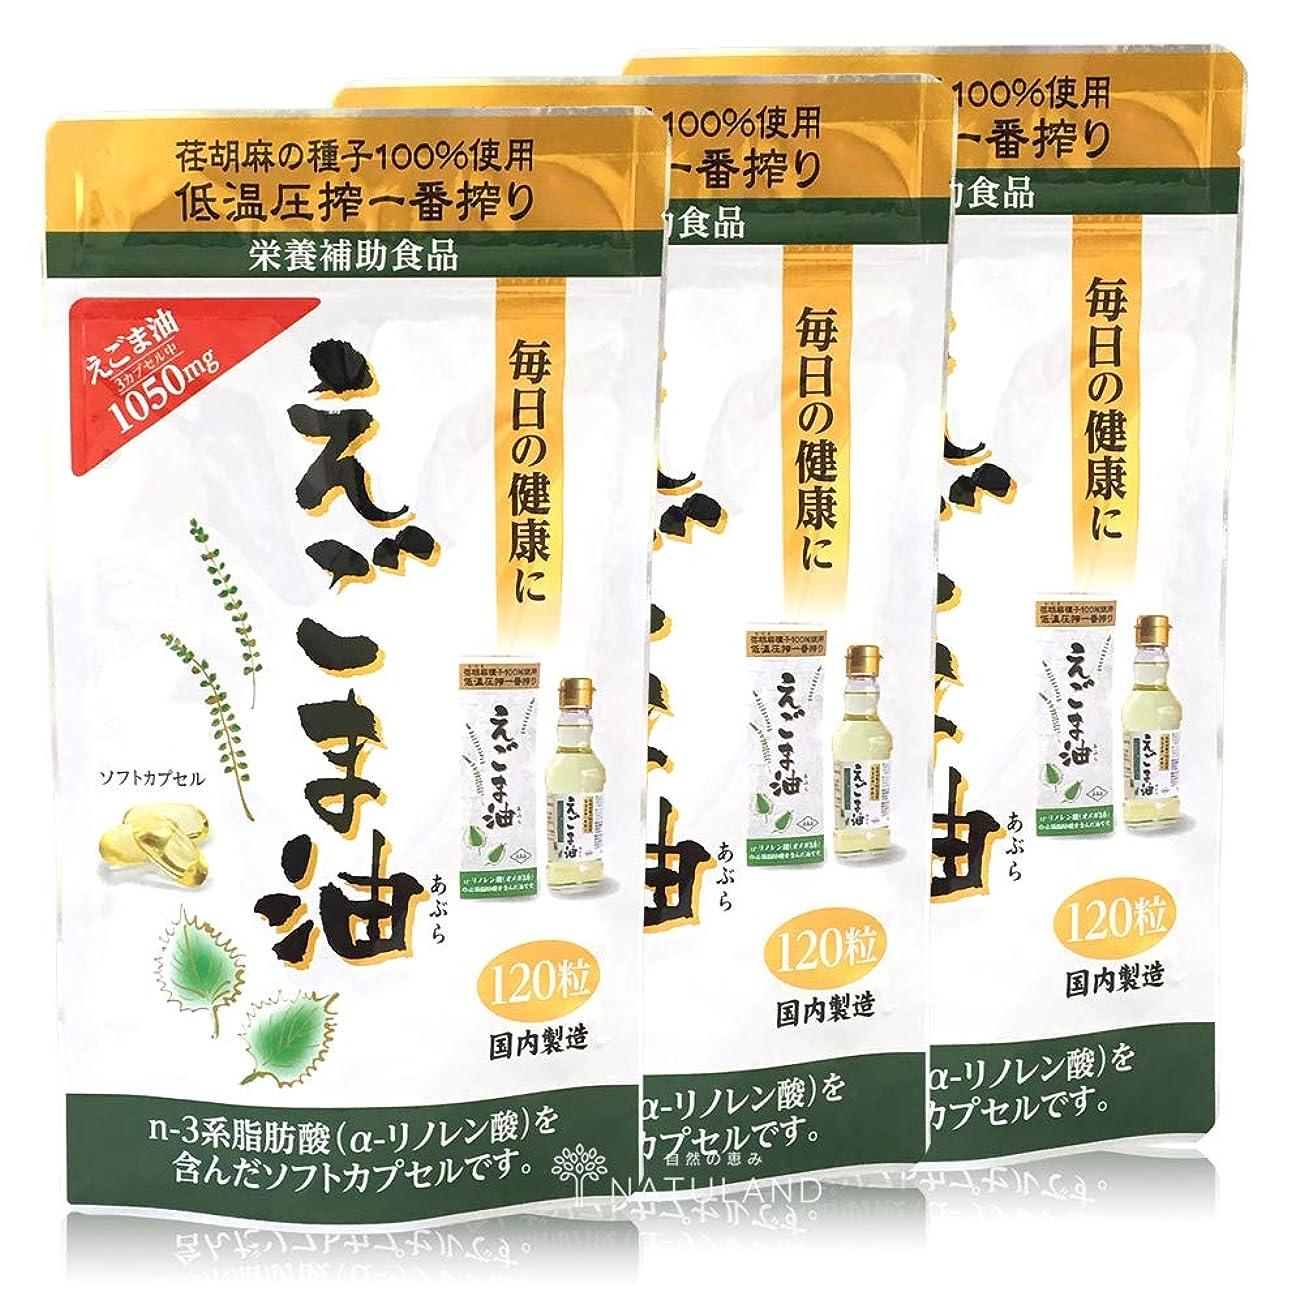 ソフィーチーズサイトライン朝日えごま油カプセル 120粒 3袋セット(通販限定)